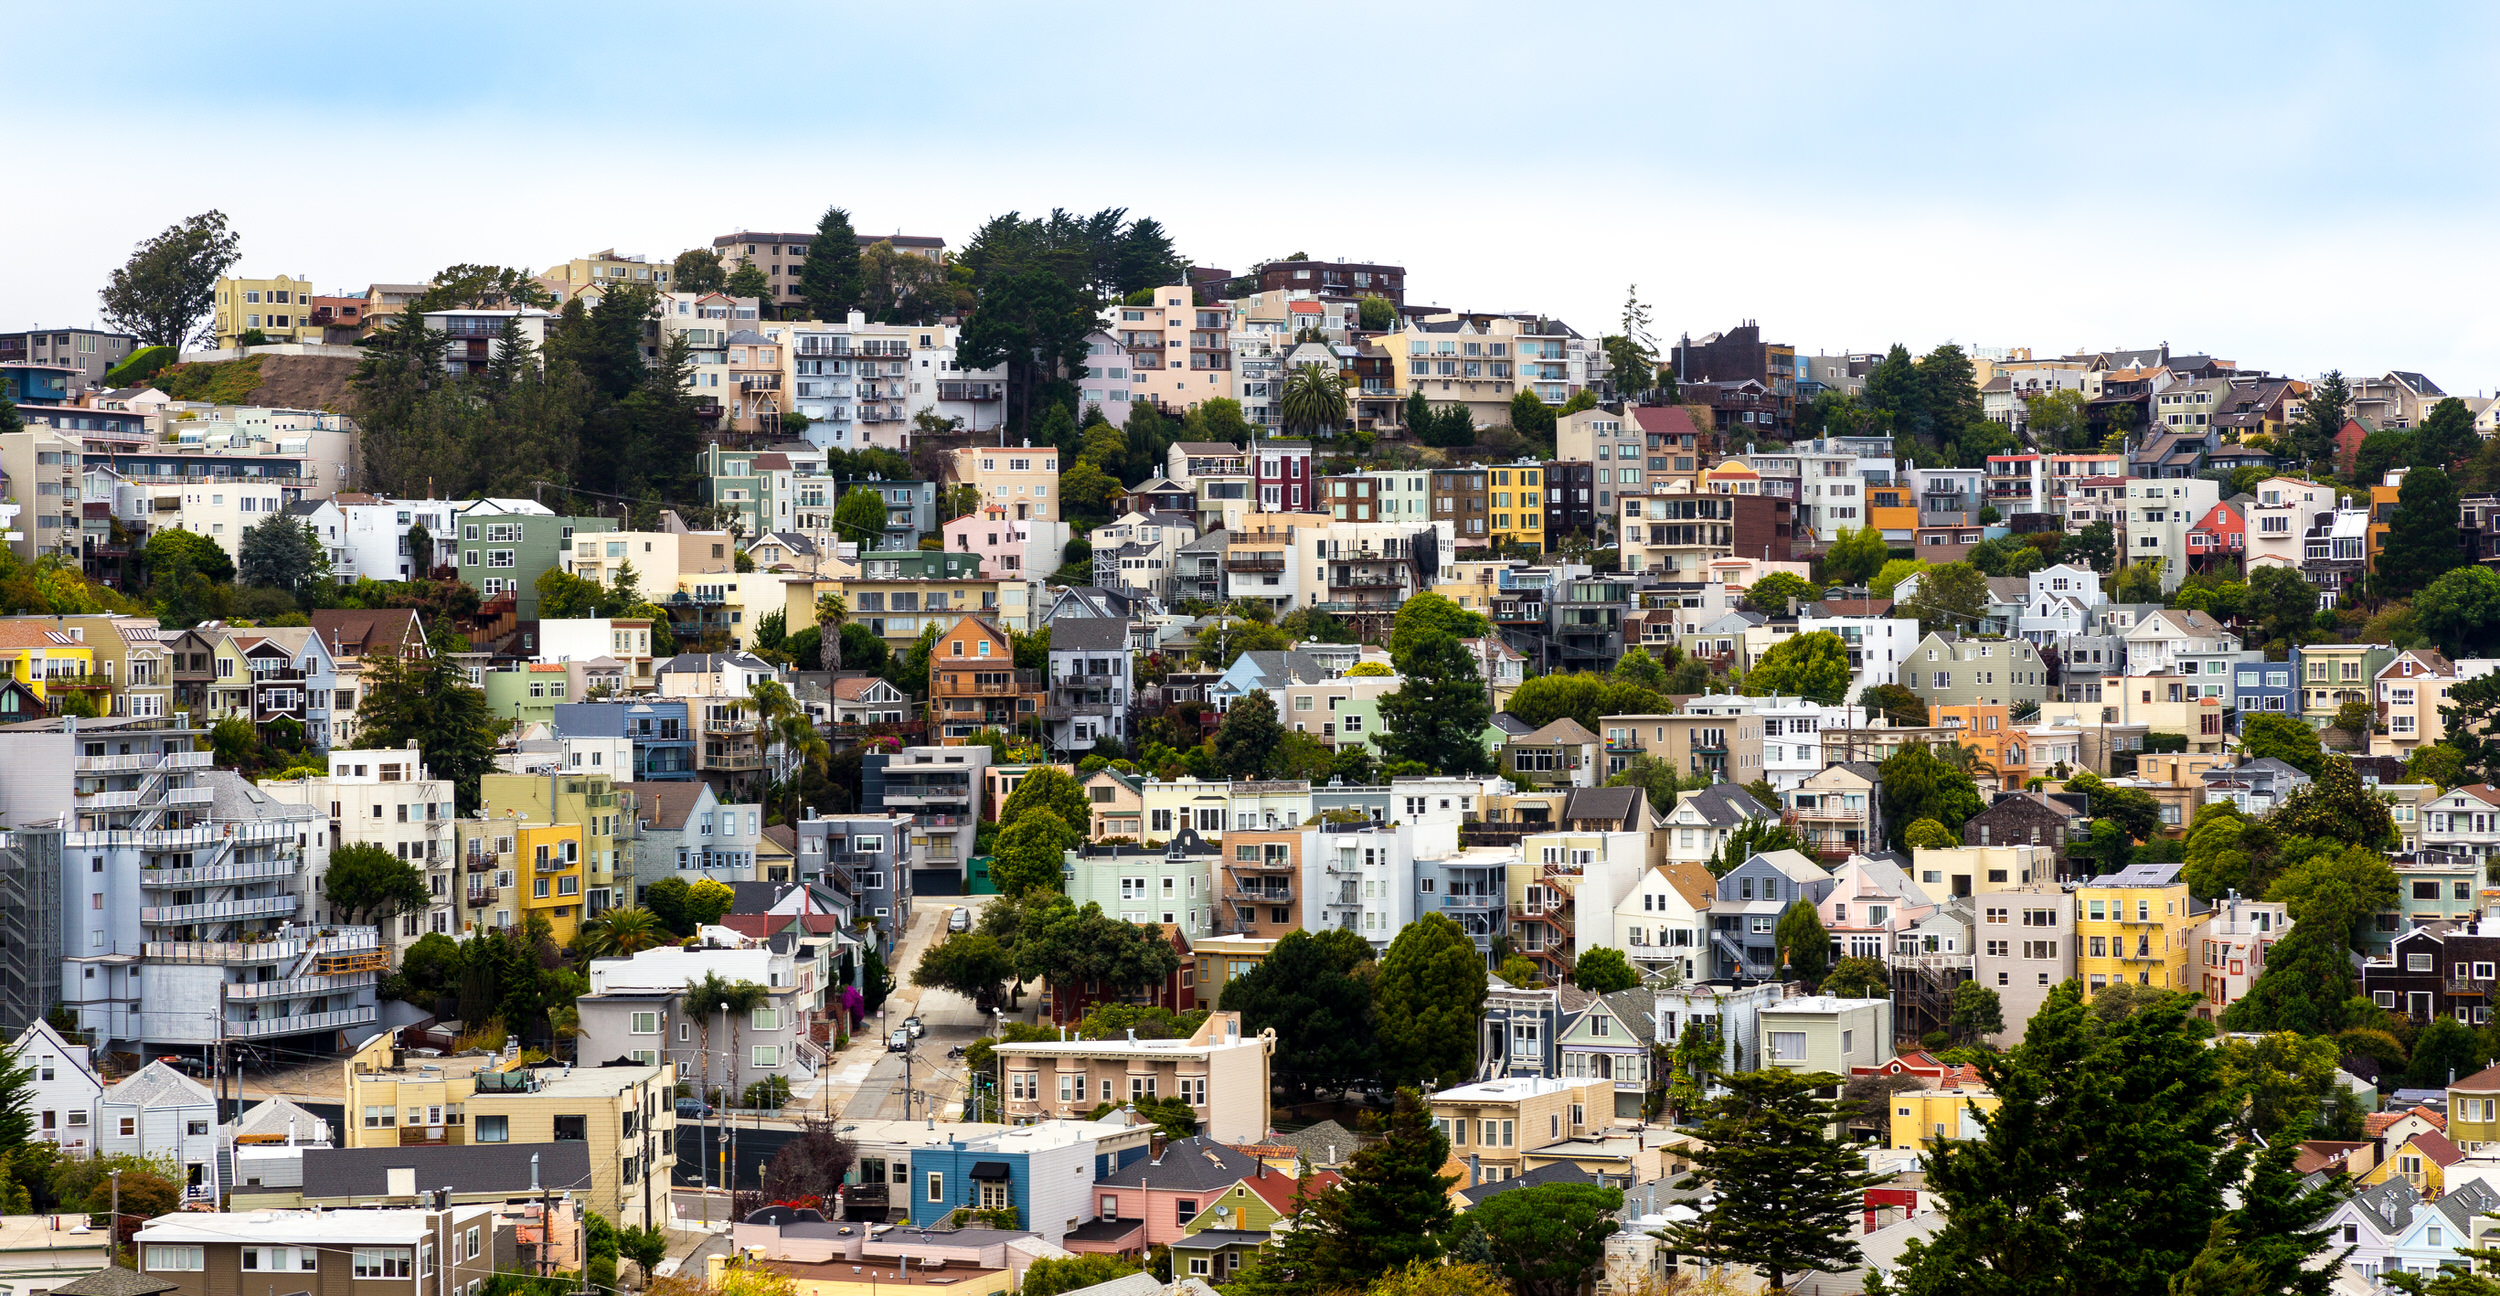 San Francisco hilltop homes